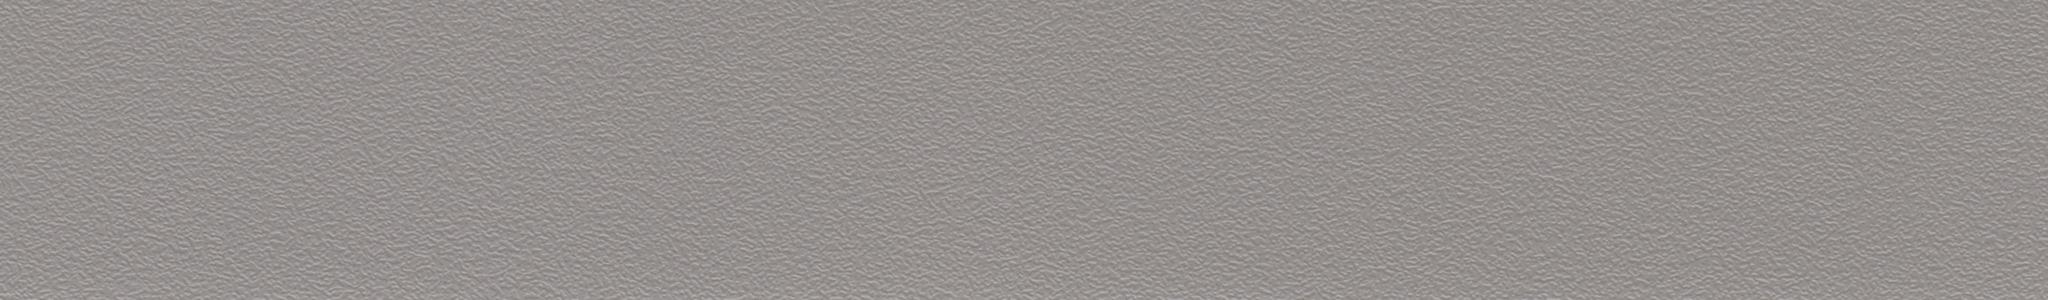 HU 170767 ABS hrana šedá perla XG